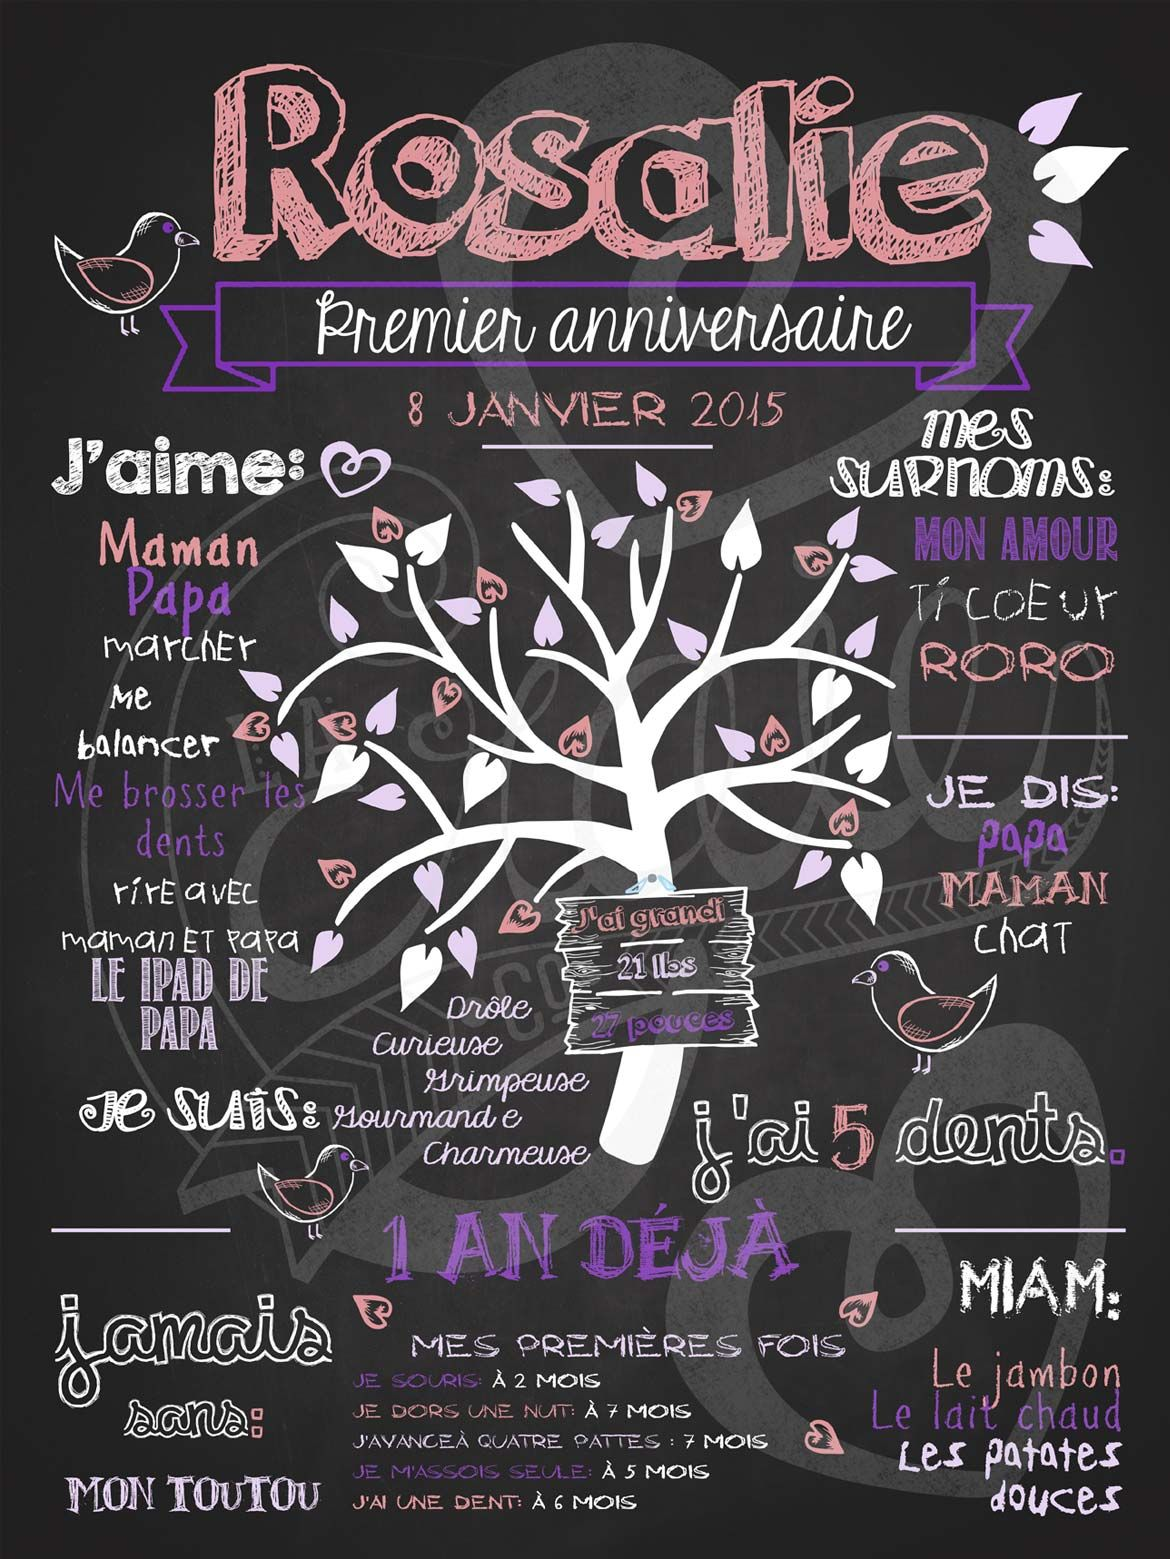 Affiche Personnalisee J Ai Grandi Mauve La Craie Co 1er Anniversaire Anniversaire Deco Anniversaire 1 An